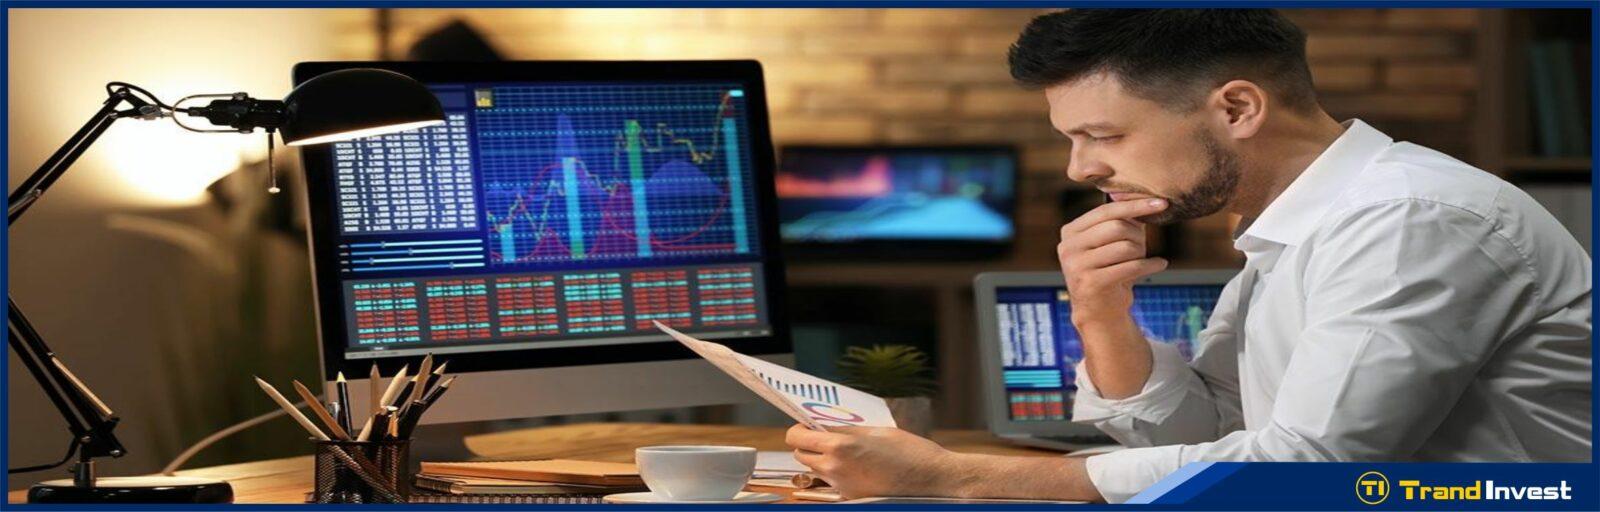 Понятие фондового рынка